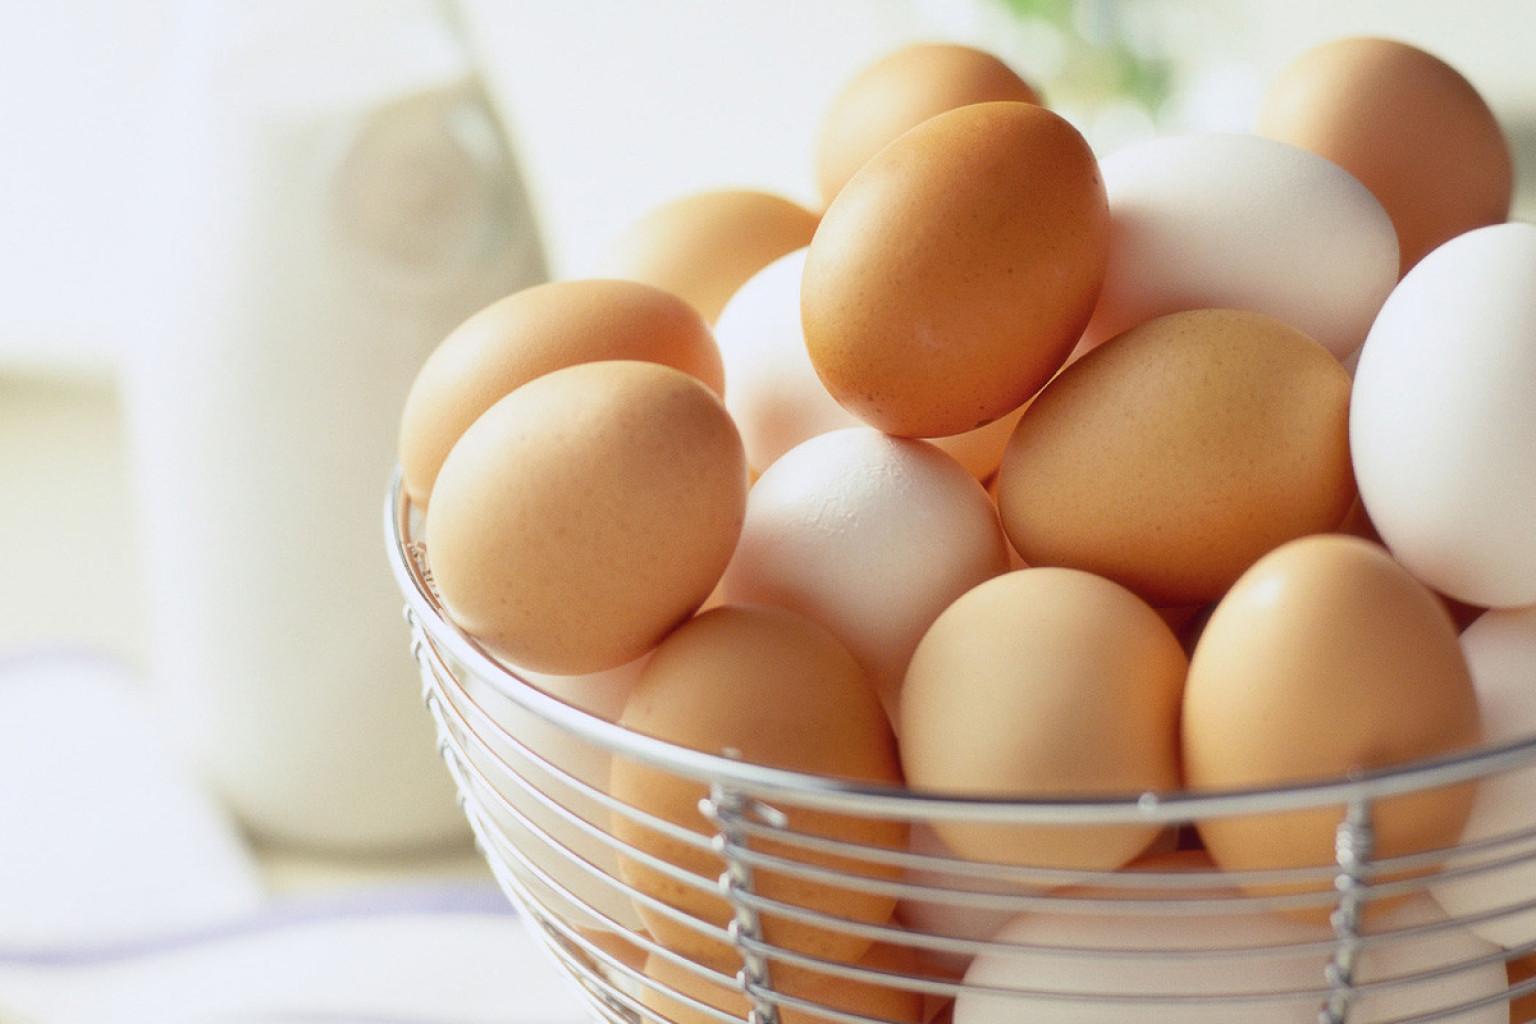 Mitos sobre ovos